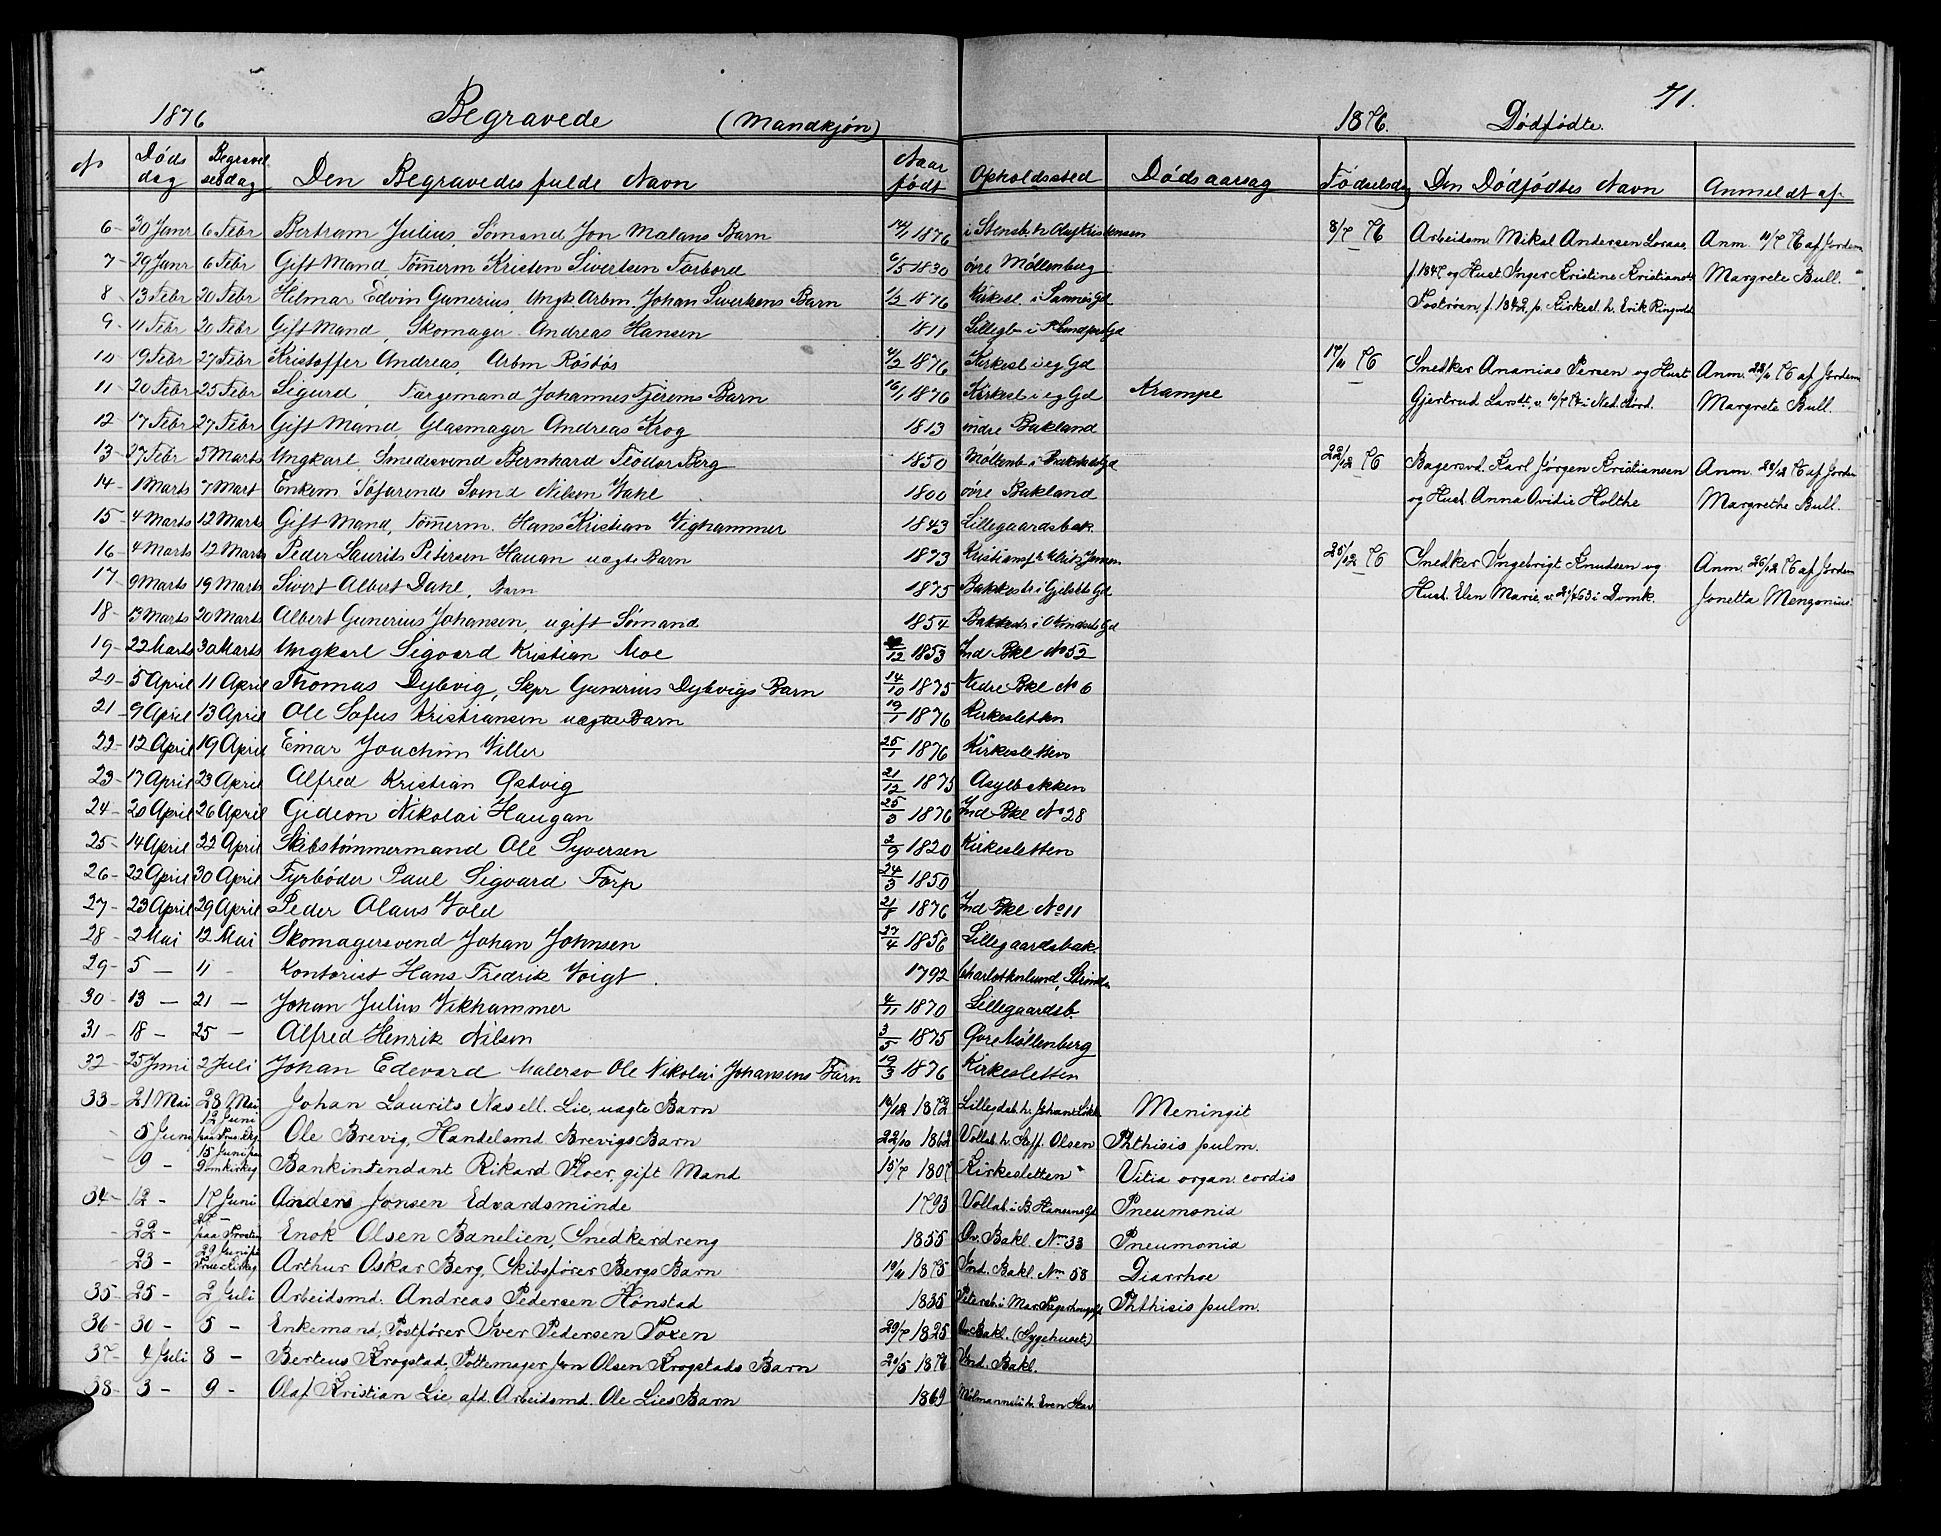 SAT, Ministerialprotokoller, klokkerbøker og fødselsregistre - Sør-Trøndelag, 604/L0221: Klokkerbok nr. 604C04, 1870-1885, s. 71